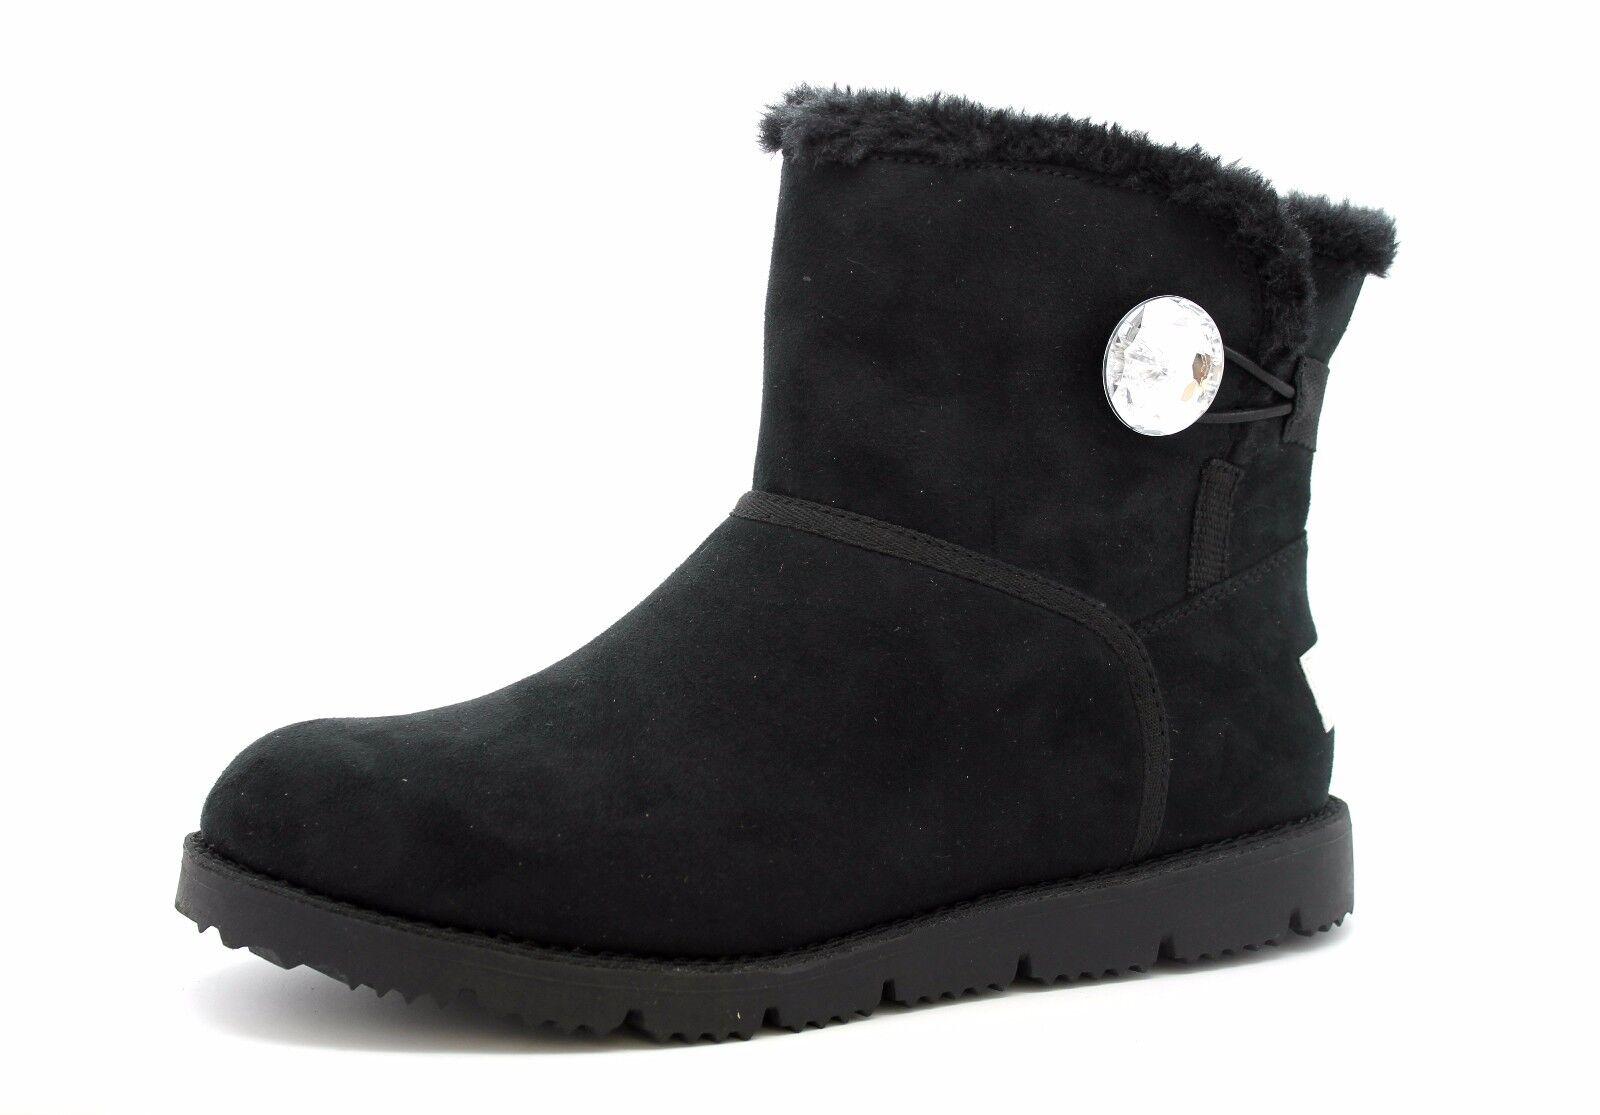 S Oliver Mujer UK 6 EU 39 Negro Negro Negro Imitación Gamuza Joya Piel Forrada de Invierno botas al tobillo  calidad oficial